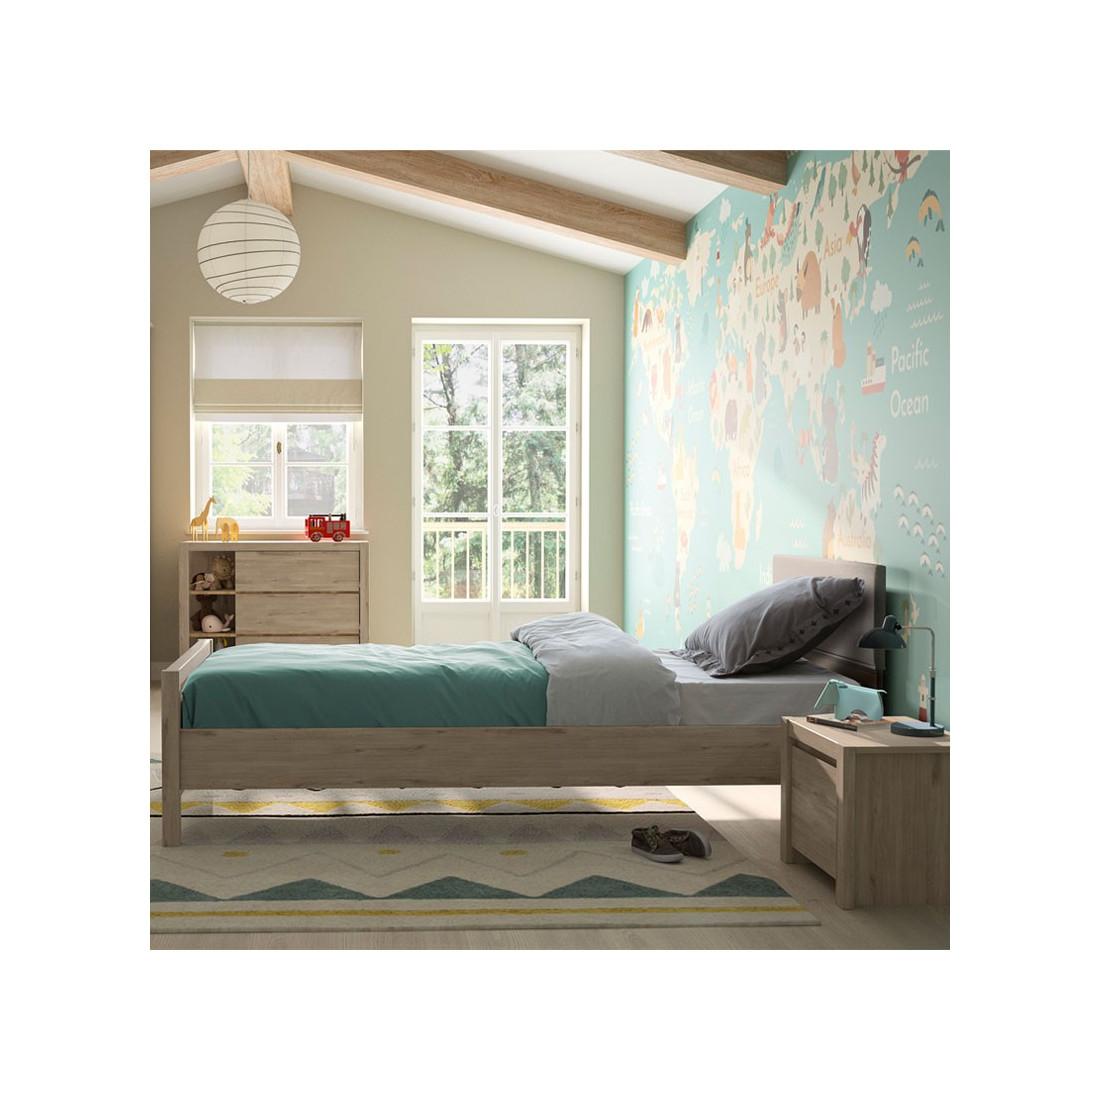 cadre t te de lit 120 190 cm ch ne clair tily univers. Black Bedroom Furniture Sets. Home Design Ideas